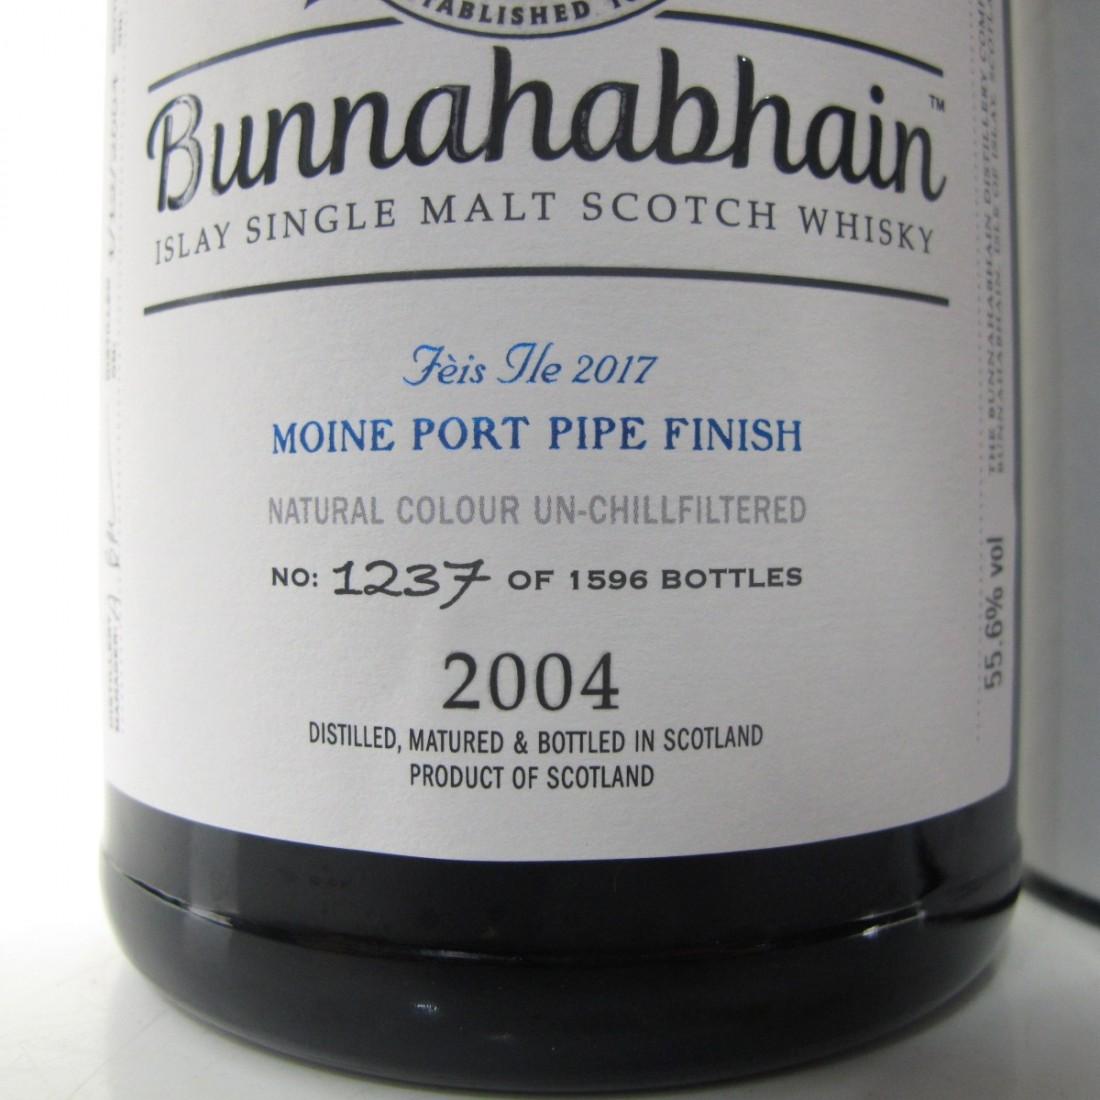 Bunnahabhain 2004 Moine Port Pipe Finish 12 Year Old / Feis Ile 2017